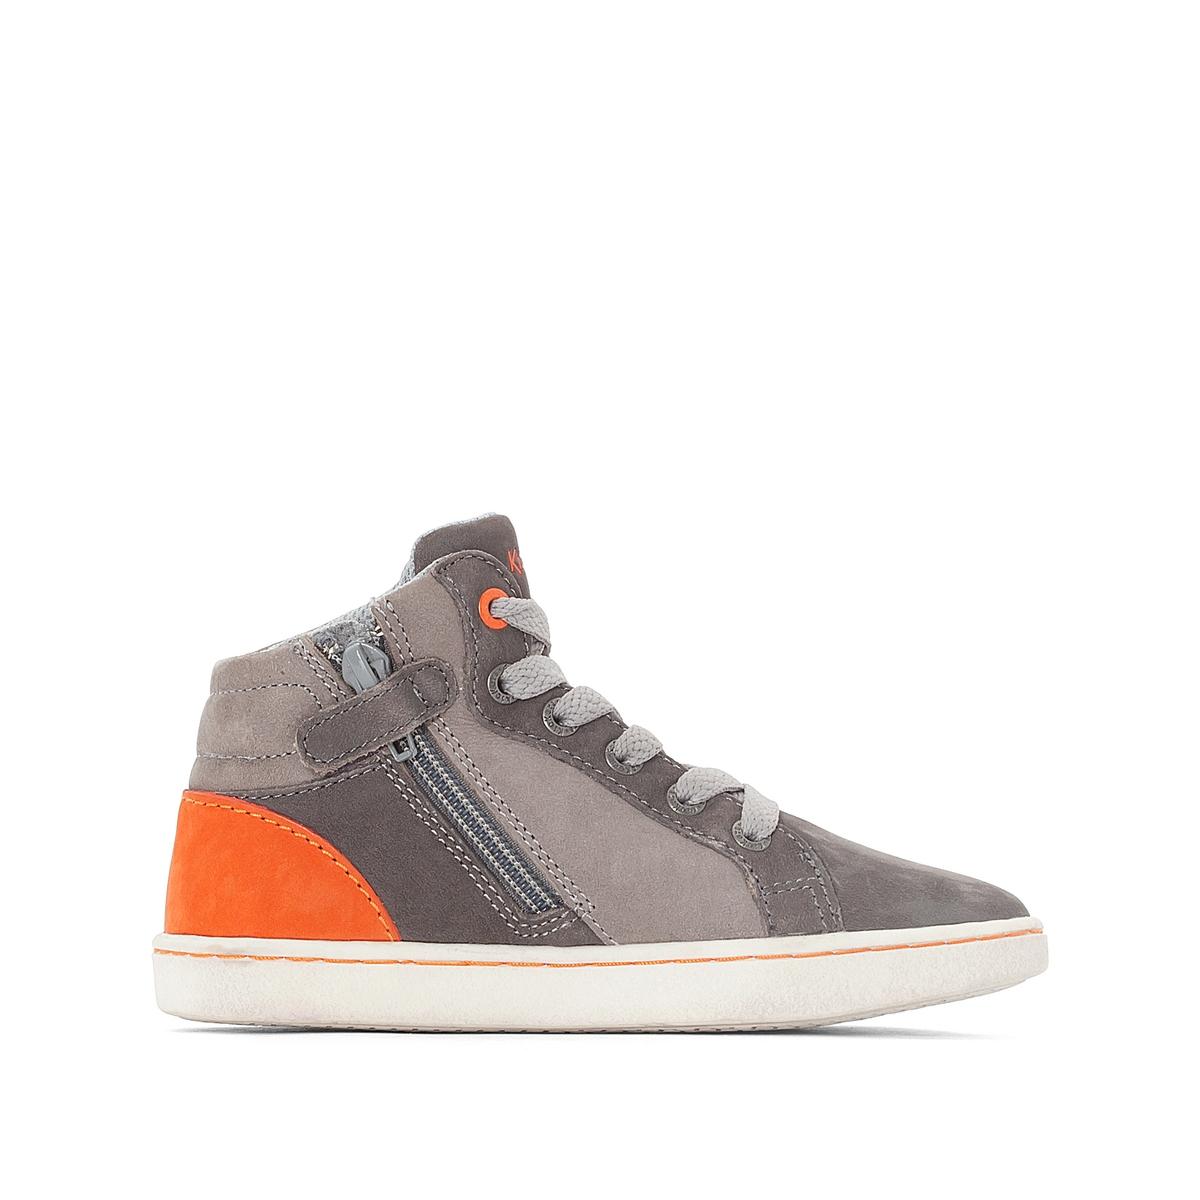 Кеды высокие LYNXДетали •  Кеды высокие •  Спортивный стиль •  Плоский каблук •  Застежка : на молнию •  Гладкая отделкаСостав и уход •  Верх 100% кожа •  Подкладка 100% синтетический материал •  Стелька 100% спилок •  Подошва 100% синтетический материал<br><br>Цвет: каштановый / красный,серый/ оранжевый